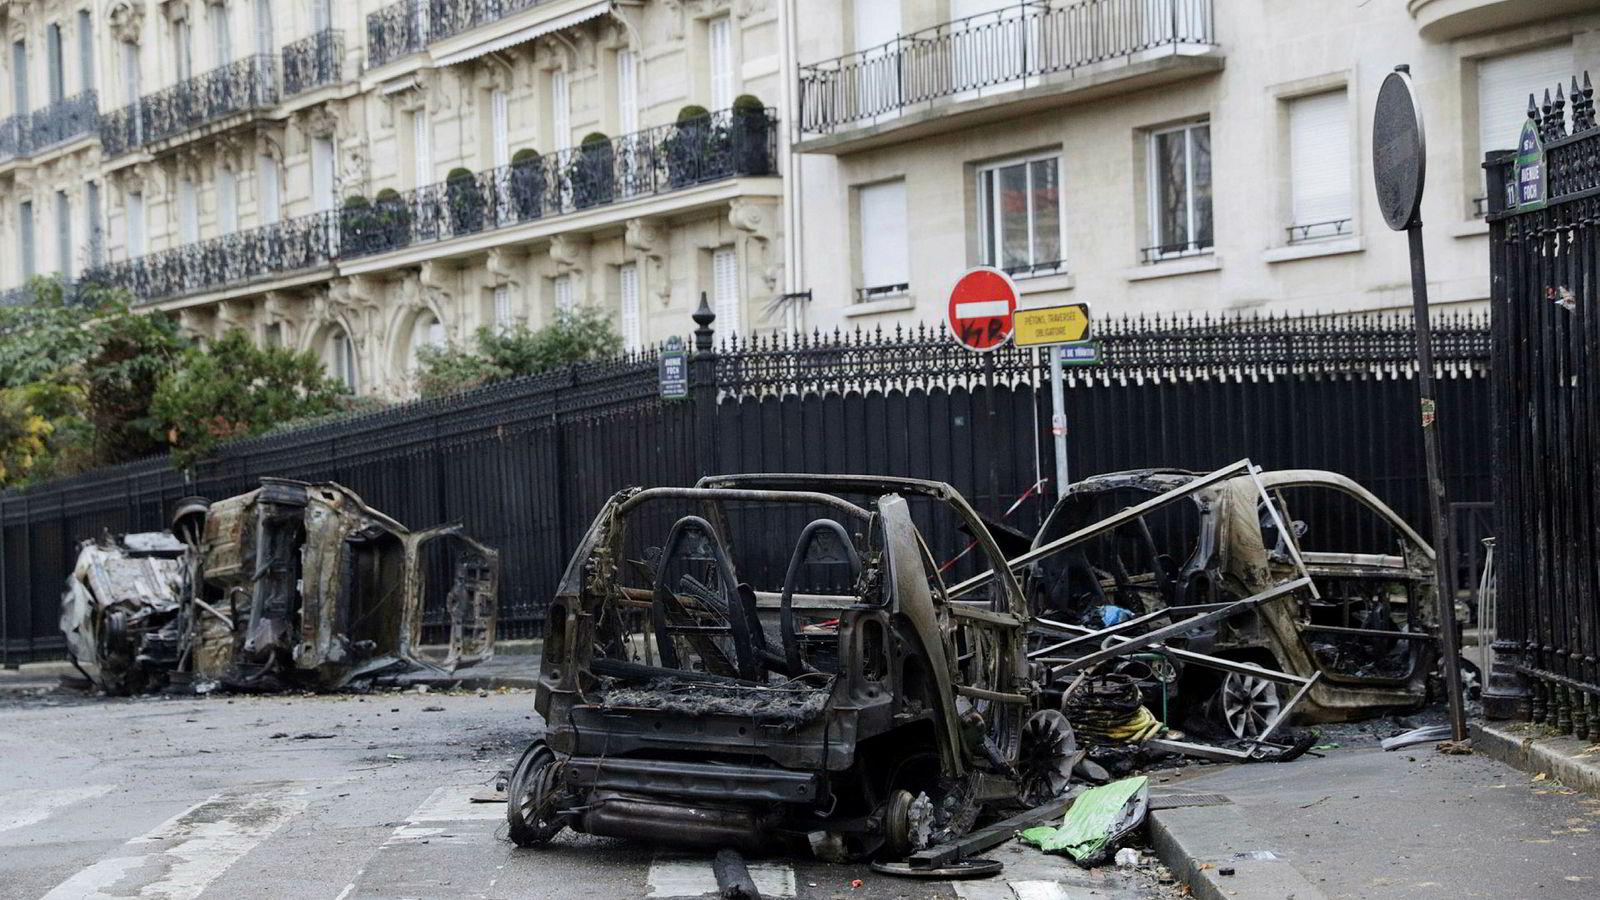 Lørdagens protester var de verste i Paris på flere år. En rekke biler ble satt i brann, og mange butikker ble plyndret og påtent.